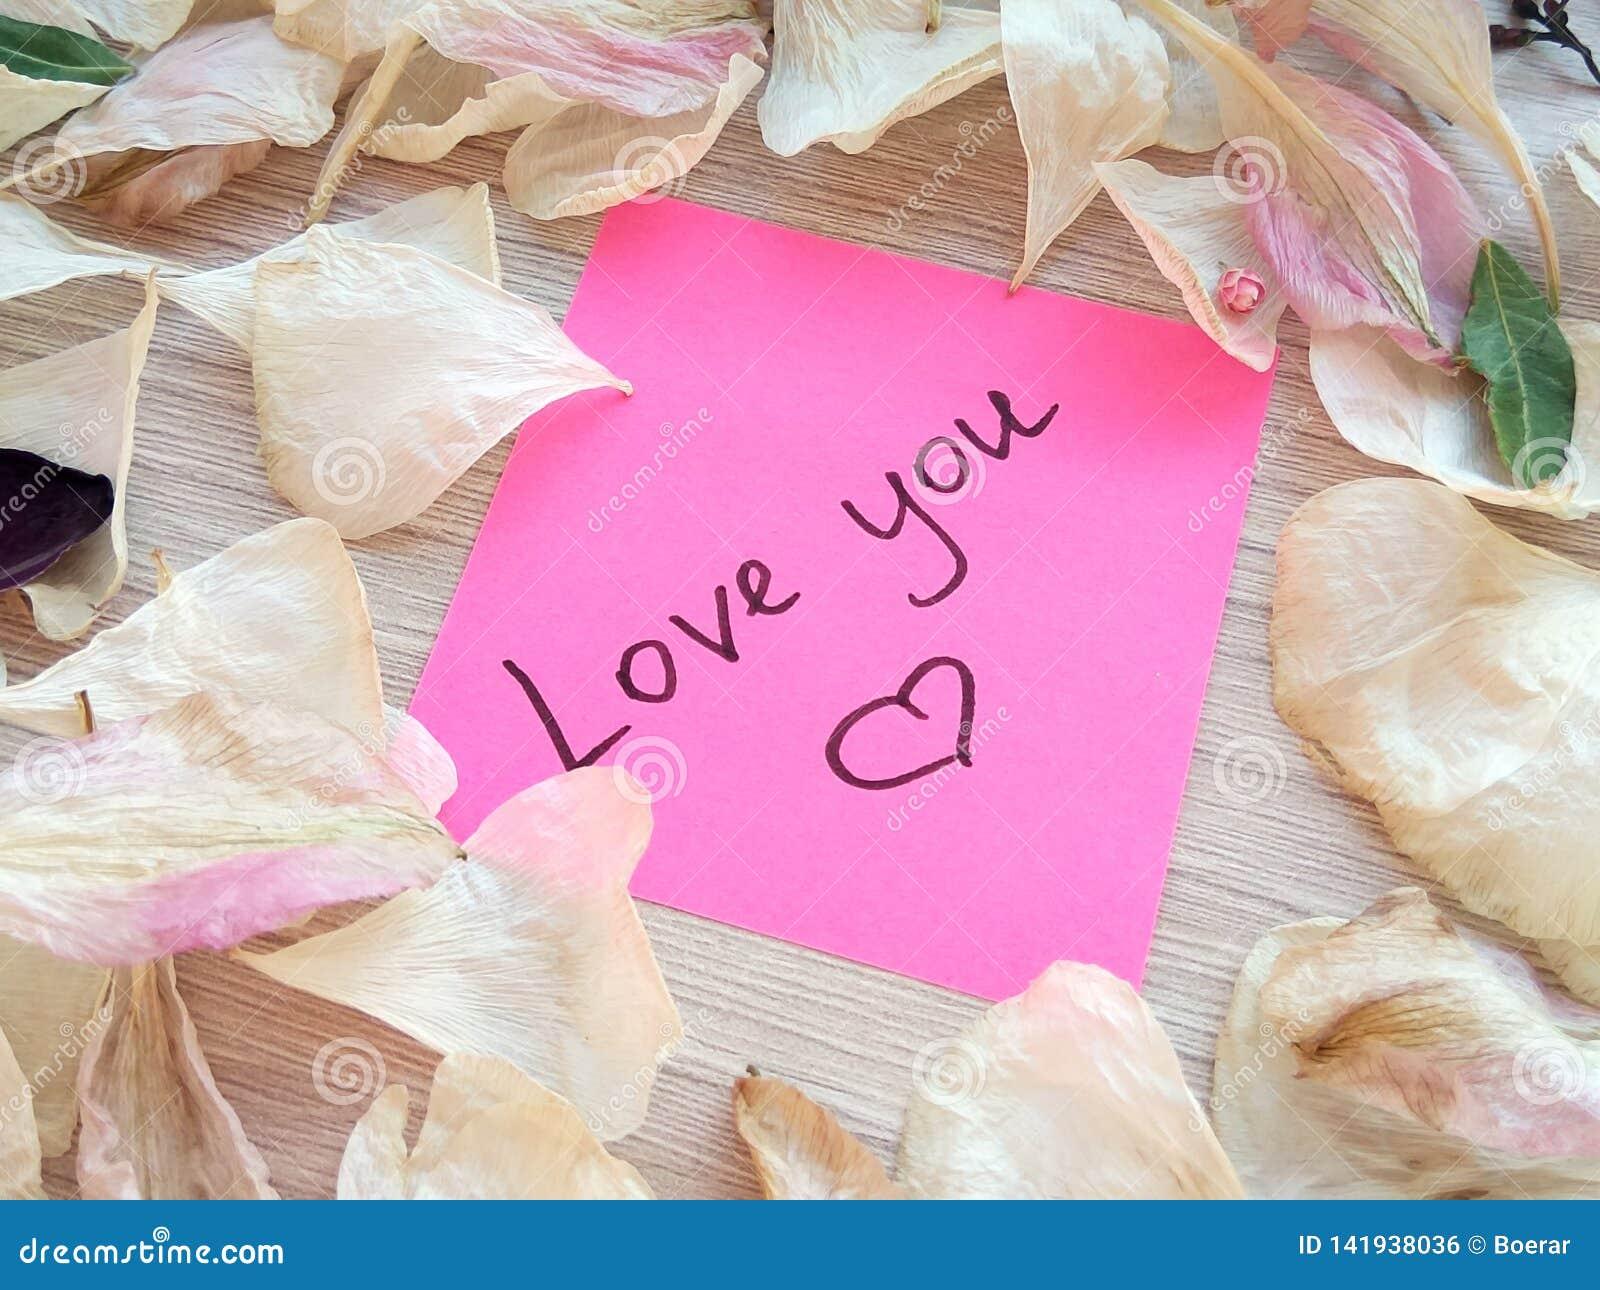 Полюбите вас сообщение на розовом липком примечании с сухими лепестками цветка розы и орхидеи на предпосылке деревянного стола